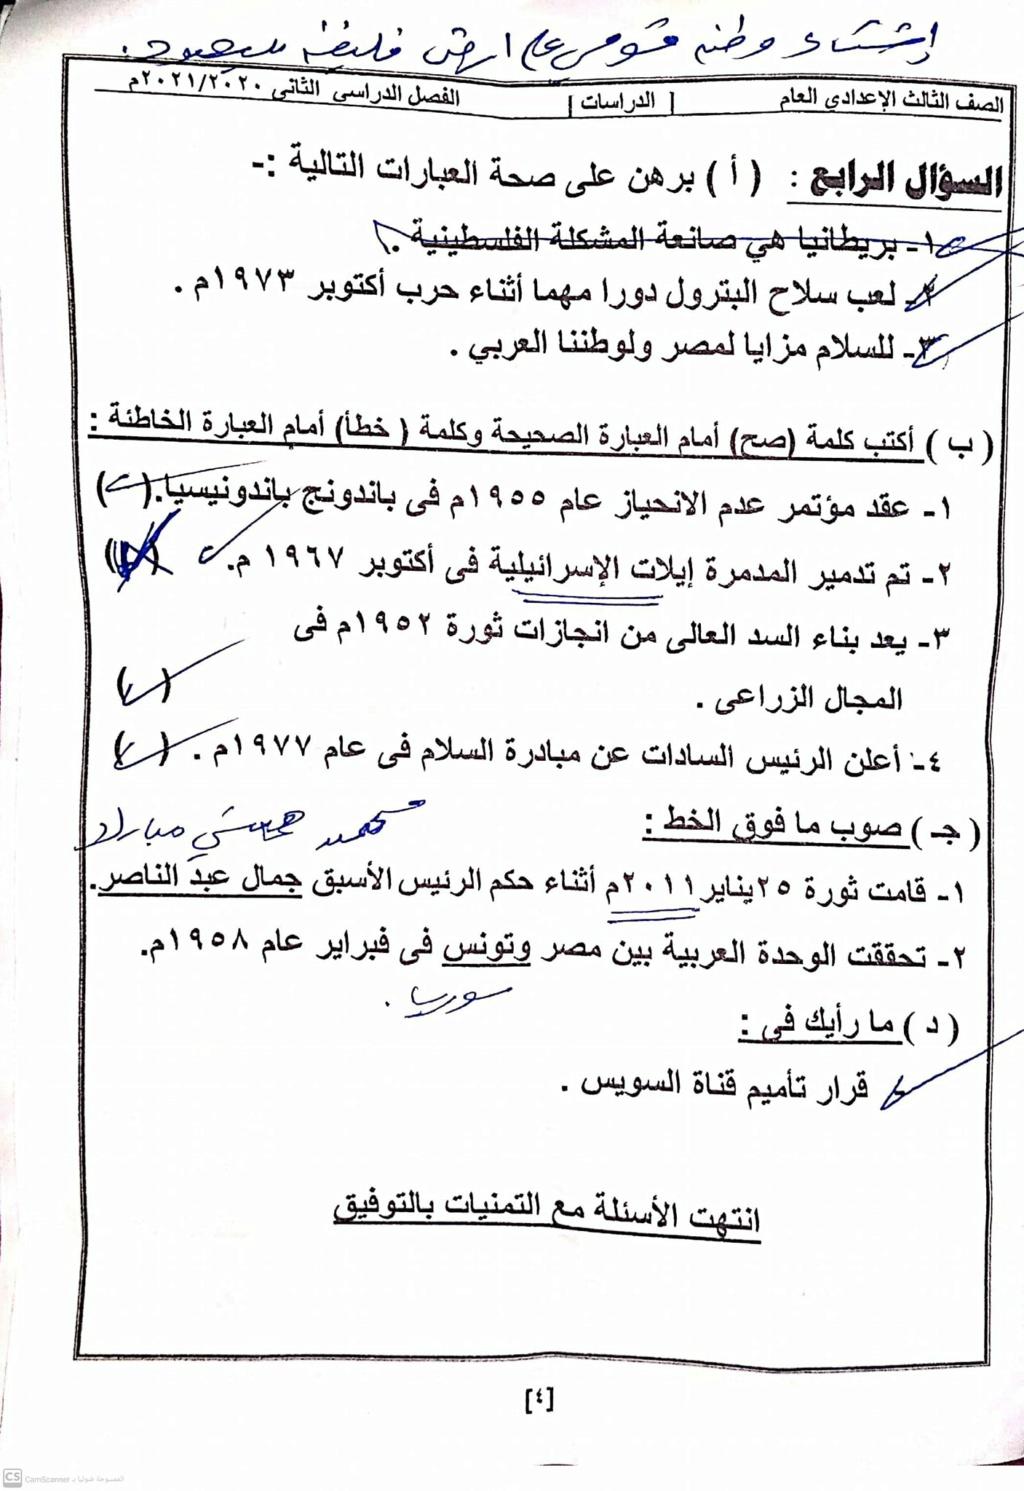 امتحان الدراسات للشهادة الإعدادية ترم ثاني ٢٠٢١ محافظة شمال سيناء 41866